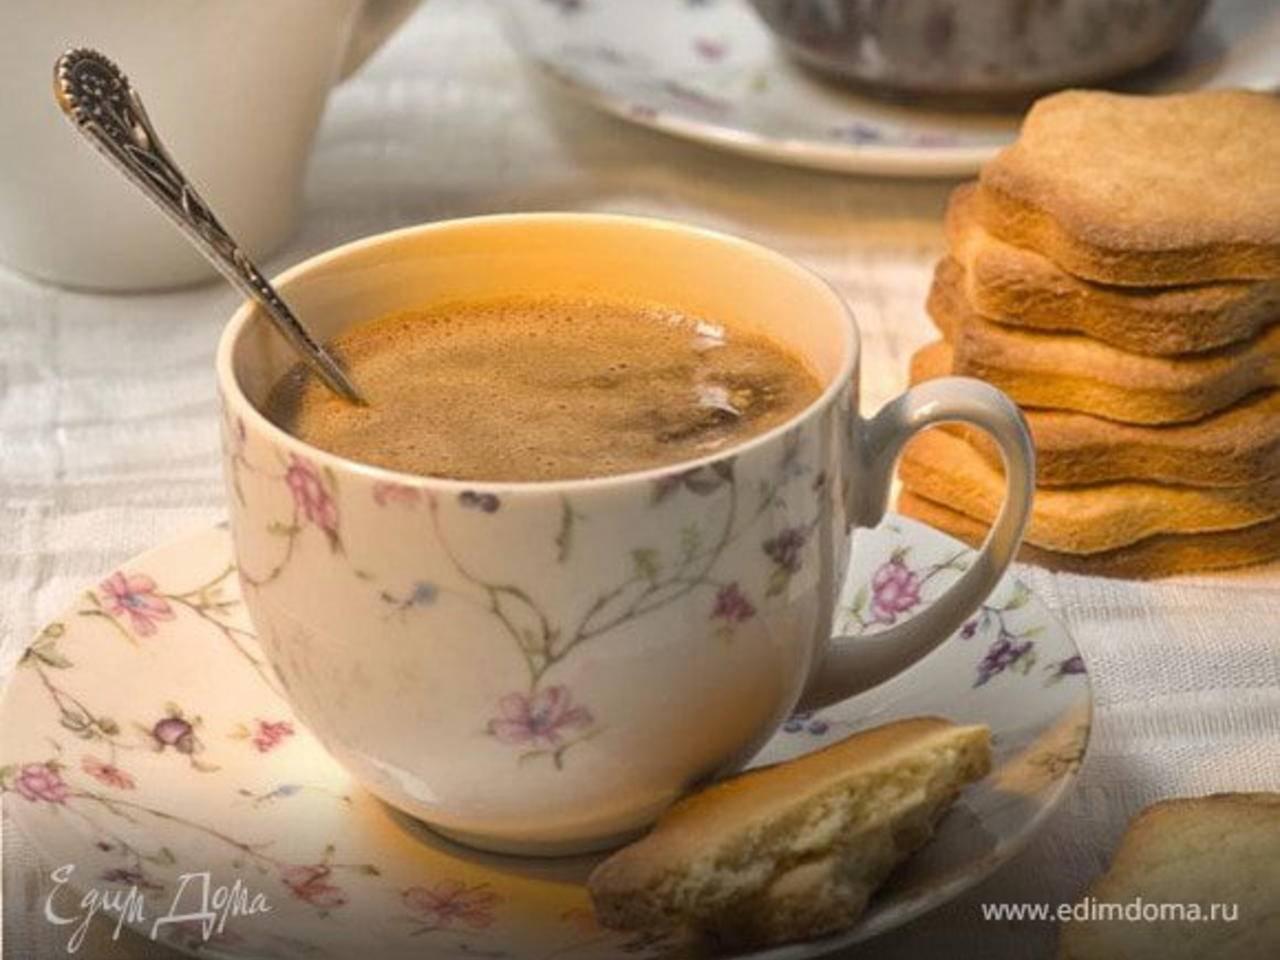 Я часто готовлю себе вкусный молотый кофе со вкусом ванили и миндаля: он необычный и очень ароматный